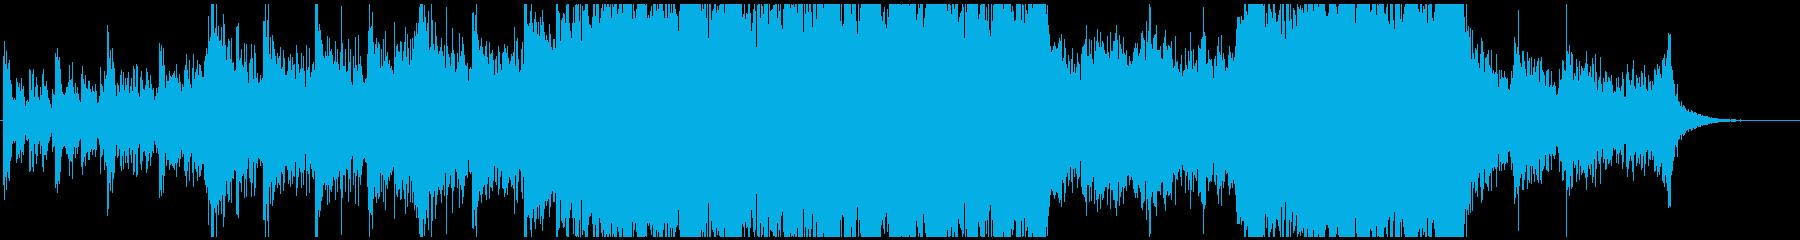 大編成オケの再生済みの波形